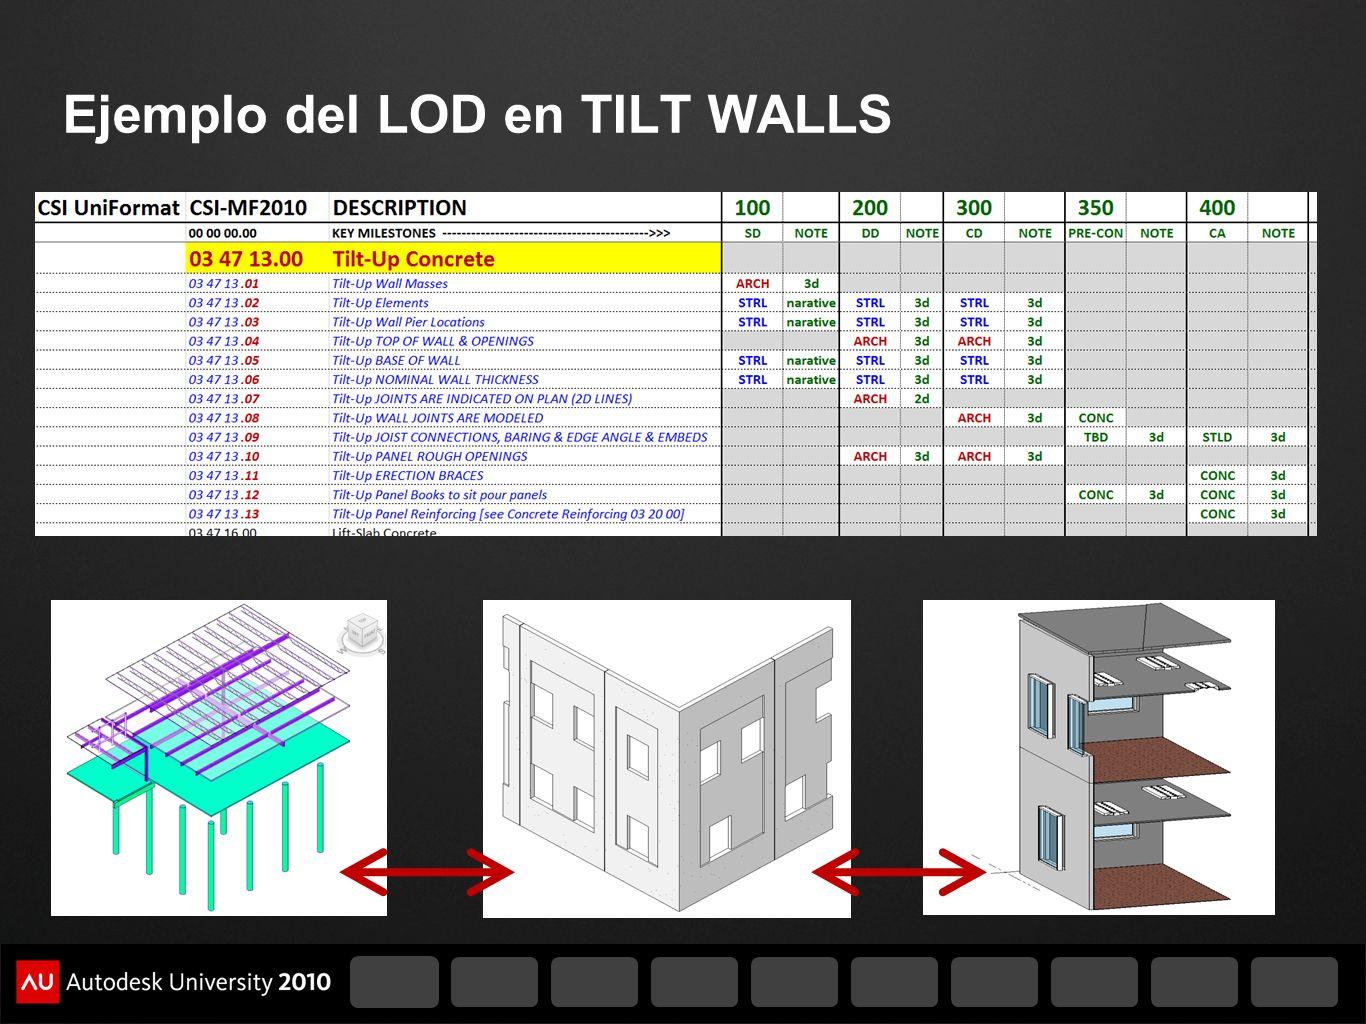 Ejemplo del LOD en TILT WALLS